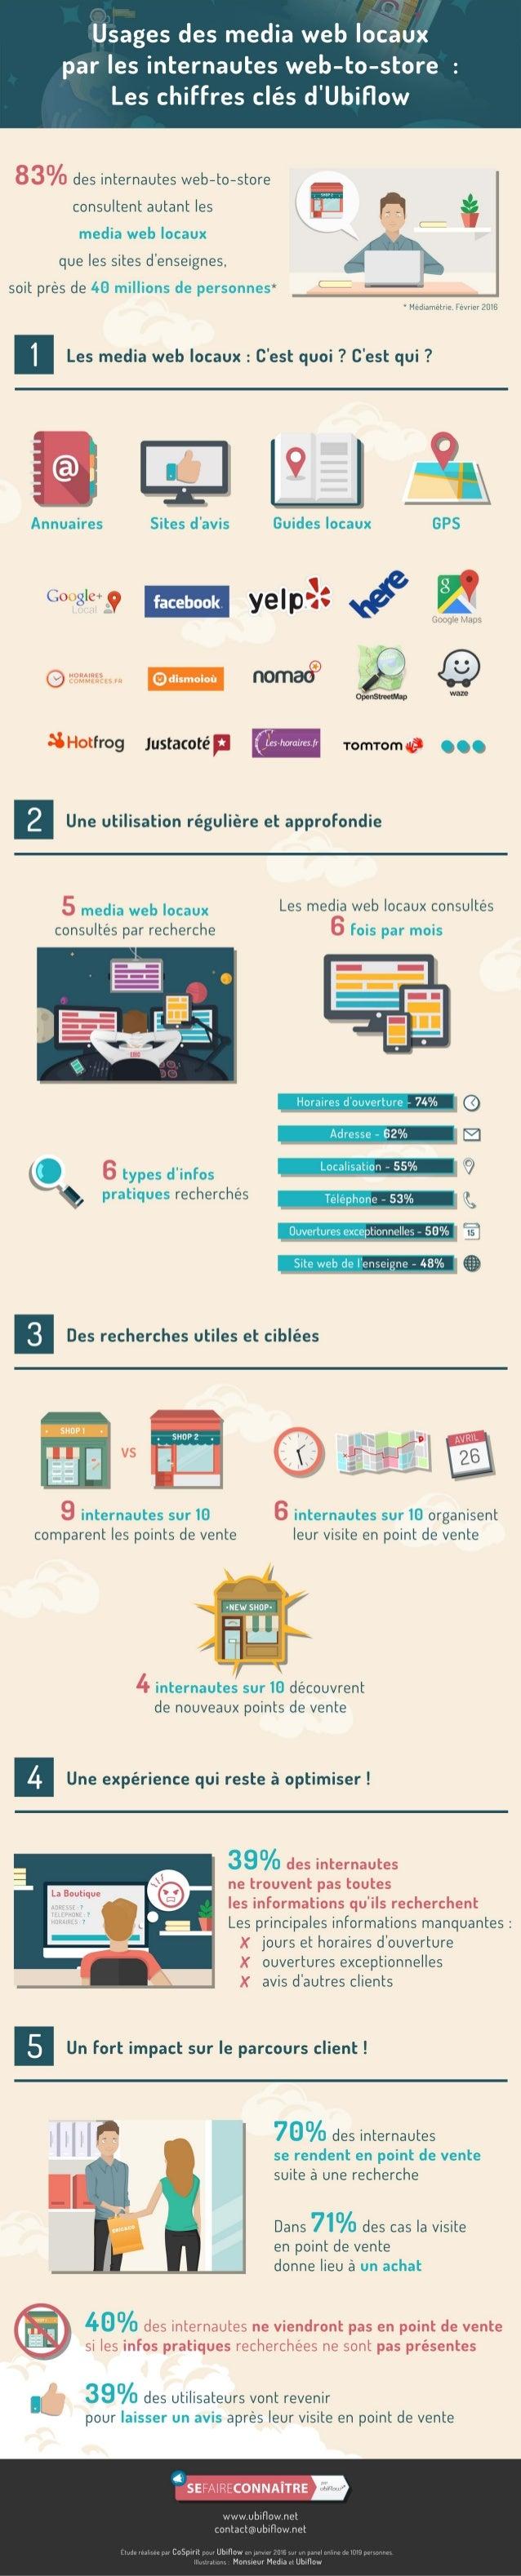 Web-to-store : Usages des media web locaux par les internautes